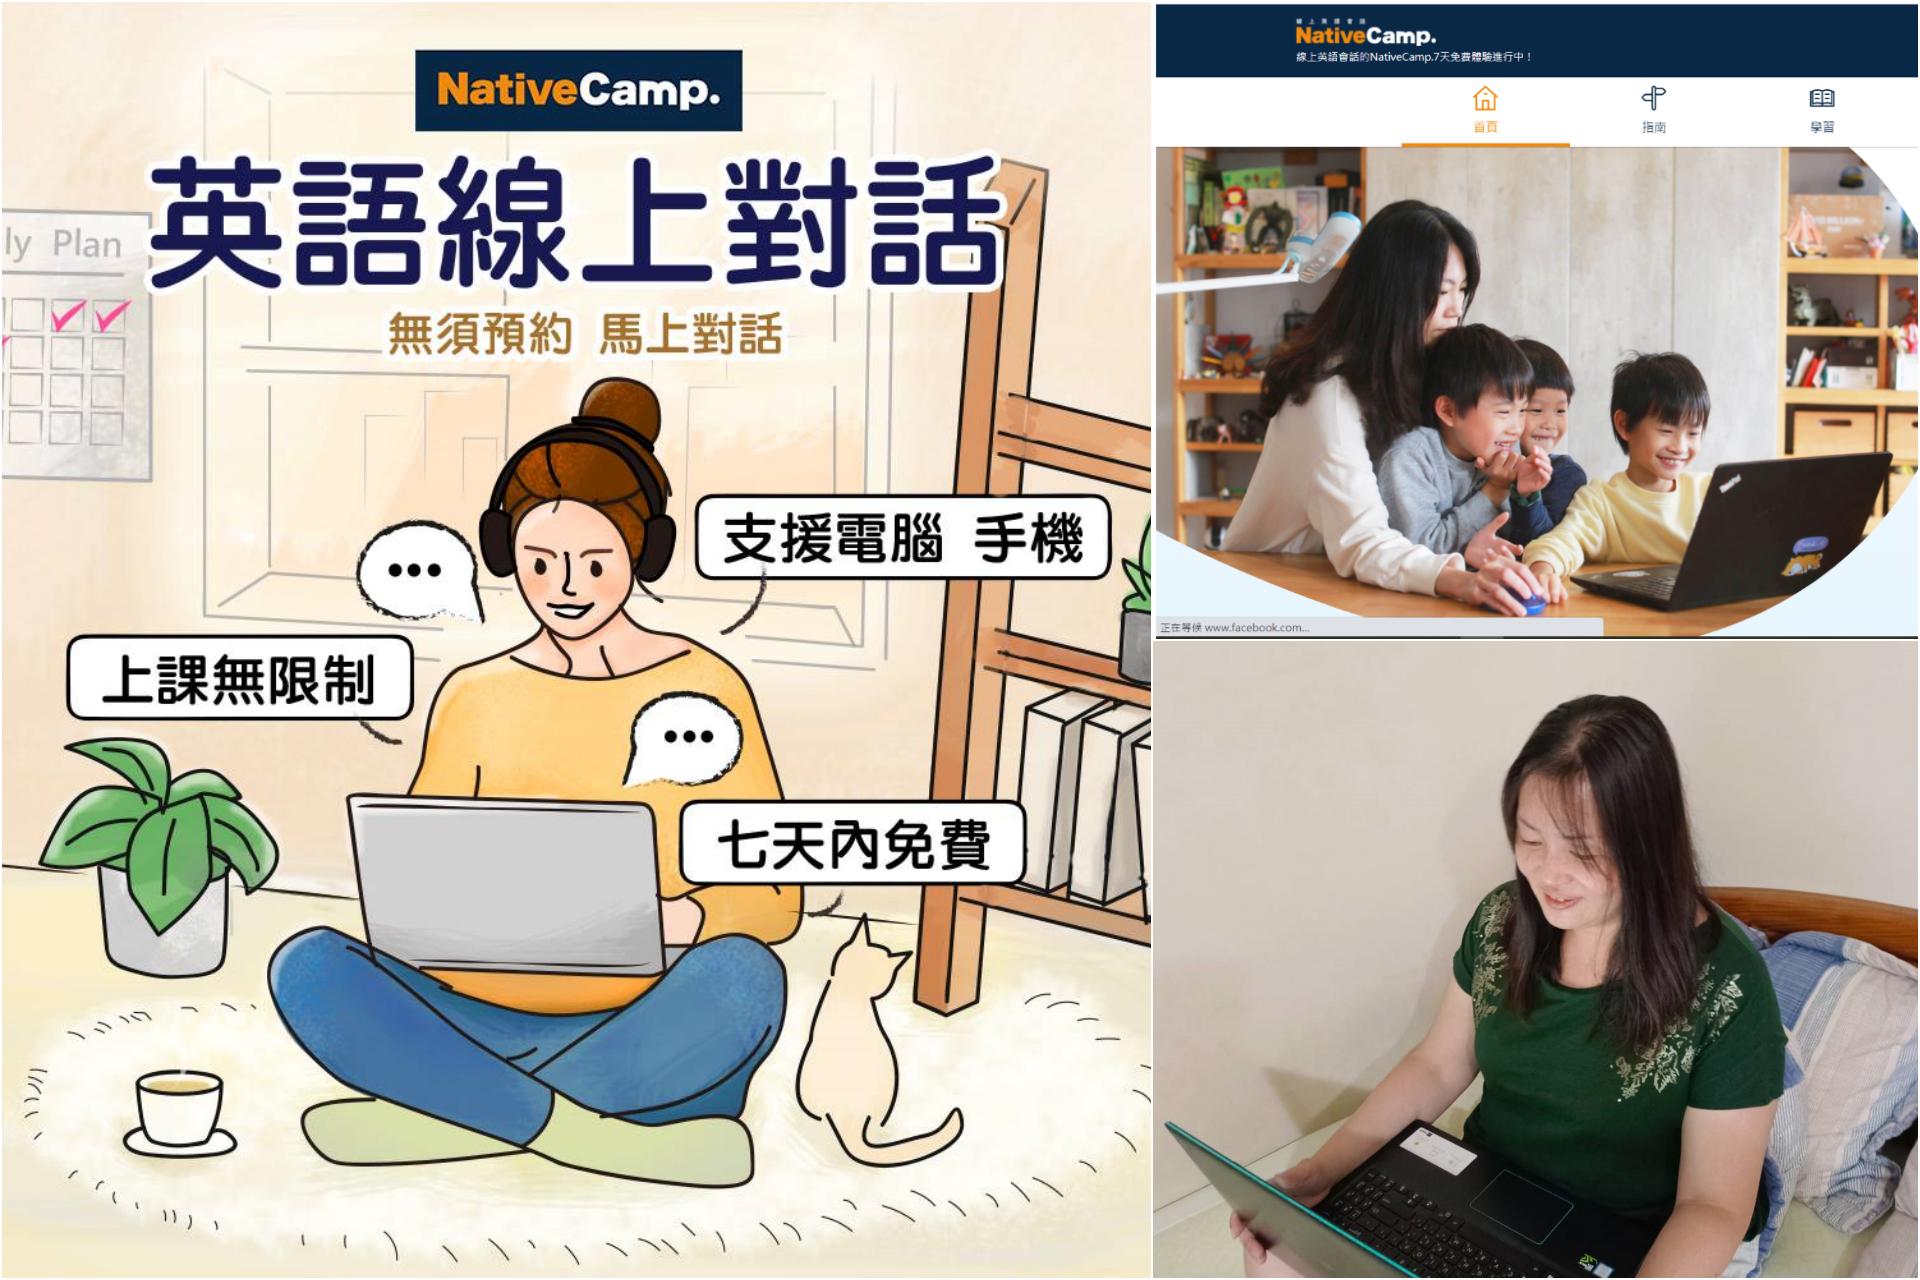 (萬華美食)google評分4.4的家宴中餐廳7/5新推出元氣餐盒,中正區萬華區居民訂多人「合菜」享8折-凱達大飯店 Caesar Metro Taipei @Nancy將的生活筆計本